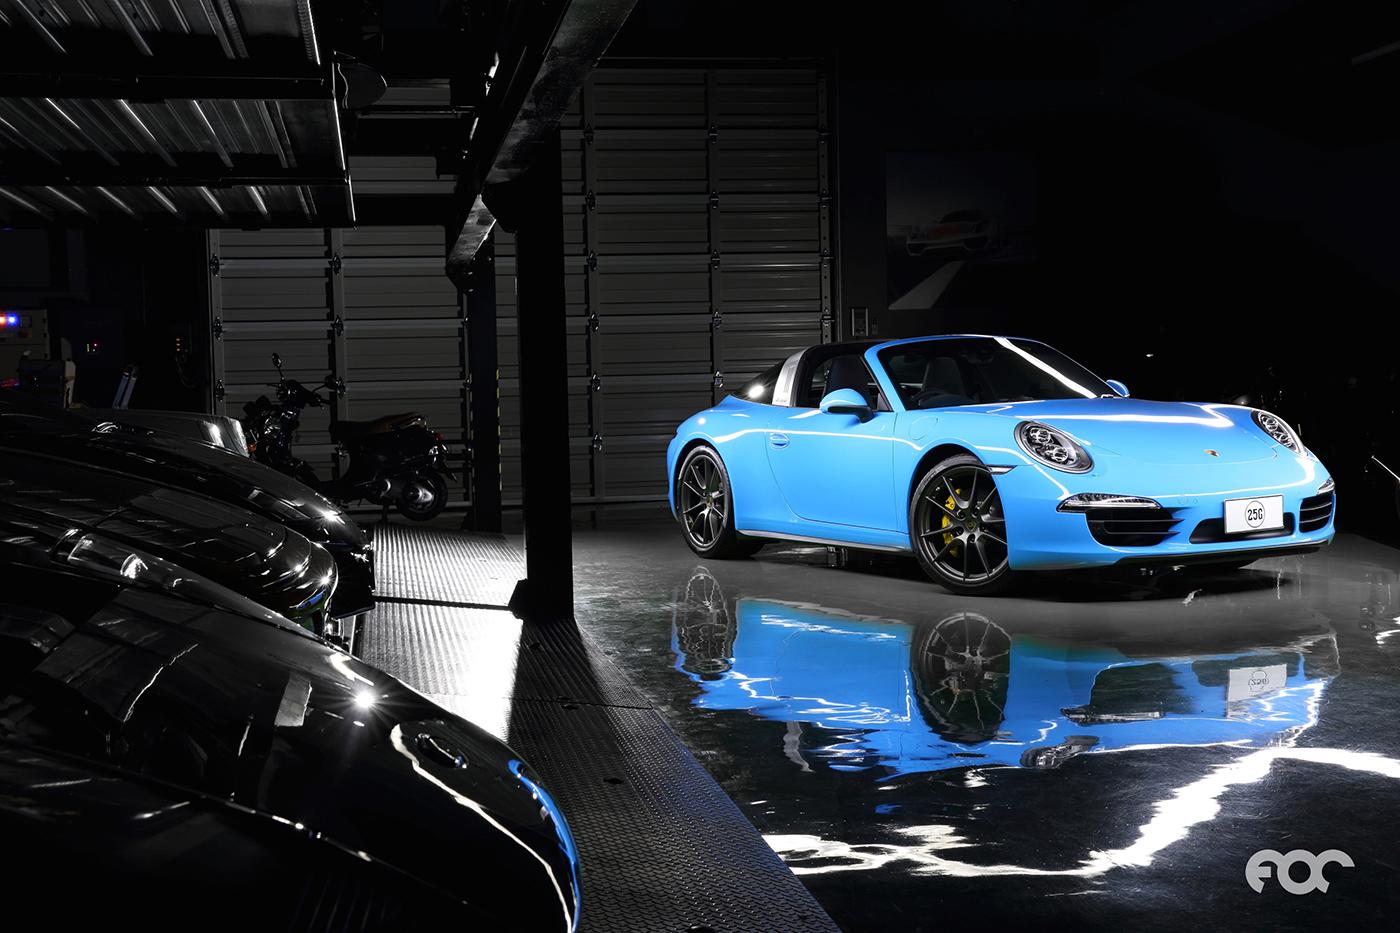 Eigenaar showt zijn unieke Porsche 991 Targa